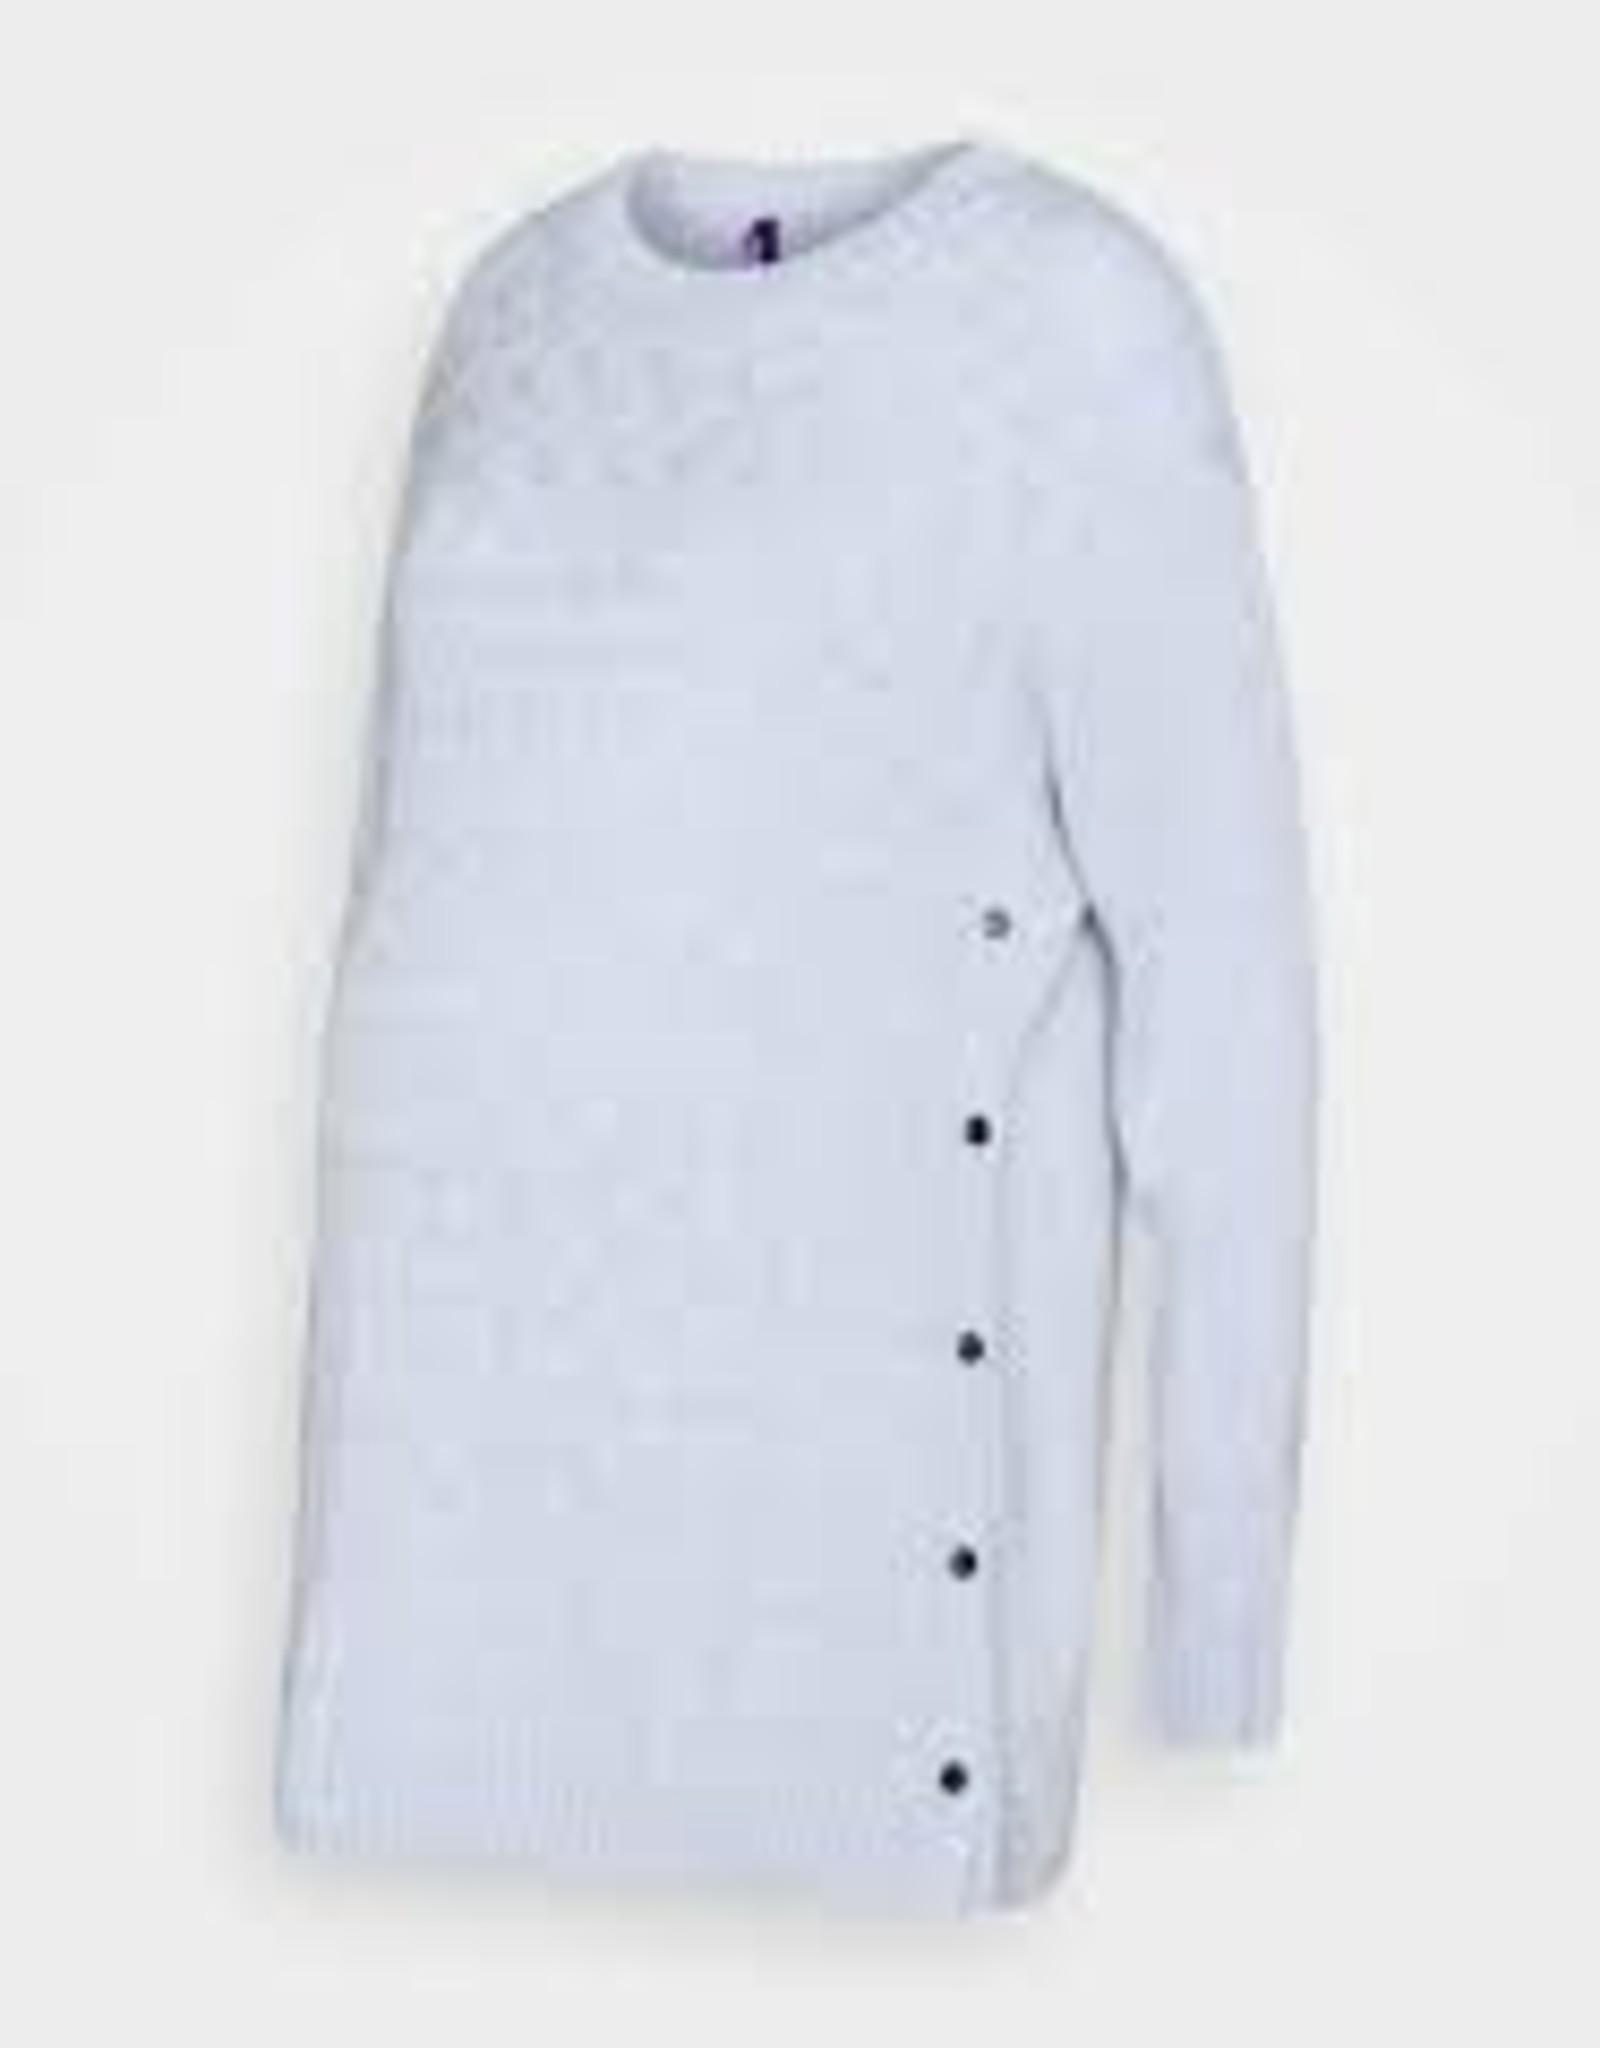 Seraphine Grete Sweater